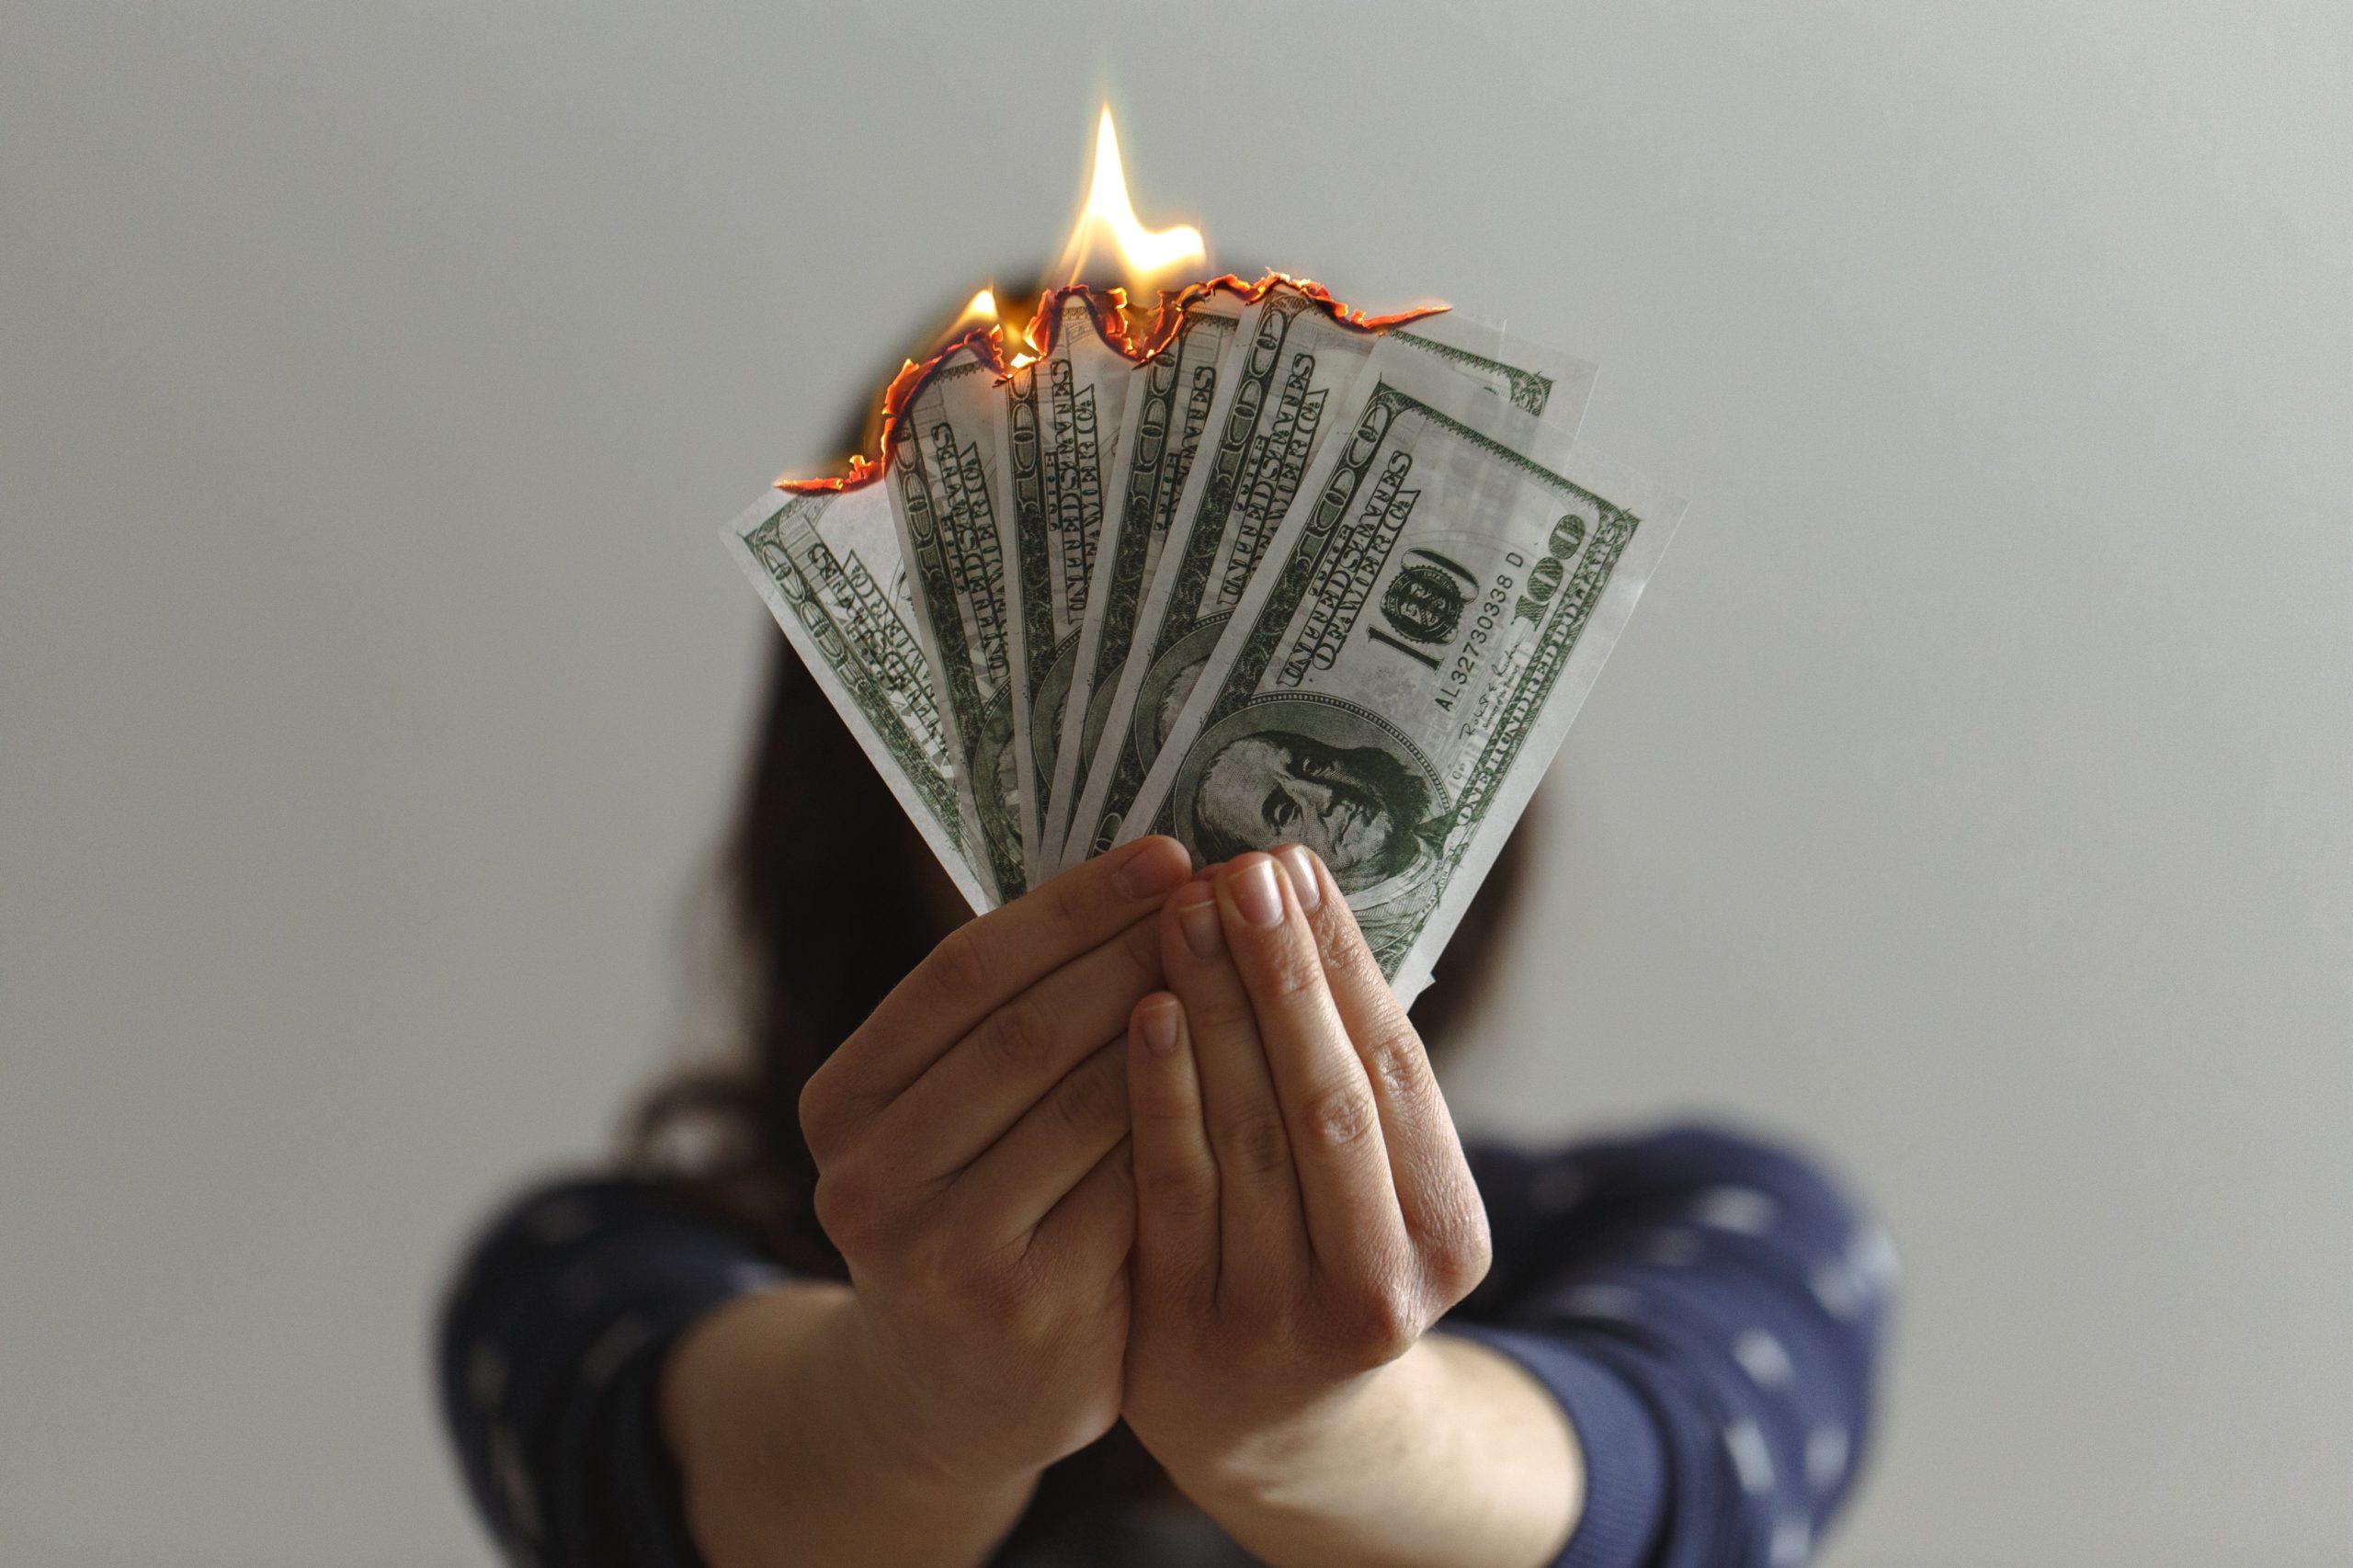 Ben jij ook altijd zo nieuwsgierig naar andermans portemonnee? Dit is het kasboekje van een 24-jarige student met al mijn uitgaven, inkomsten en investeringen | SkereStudent.com